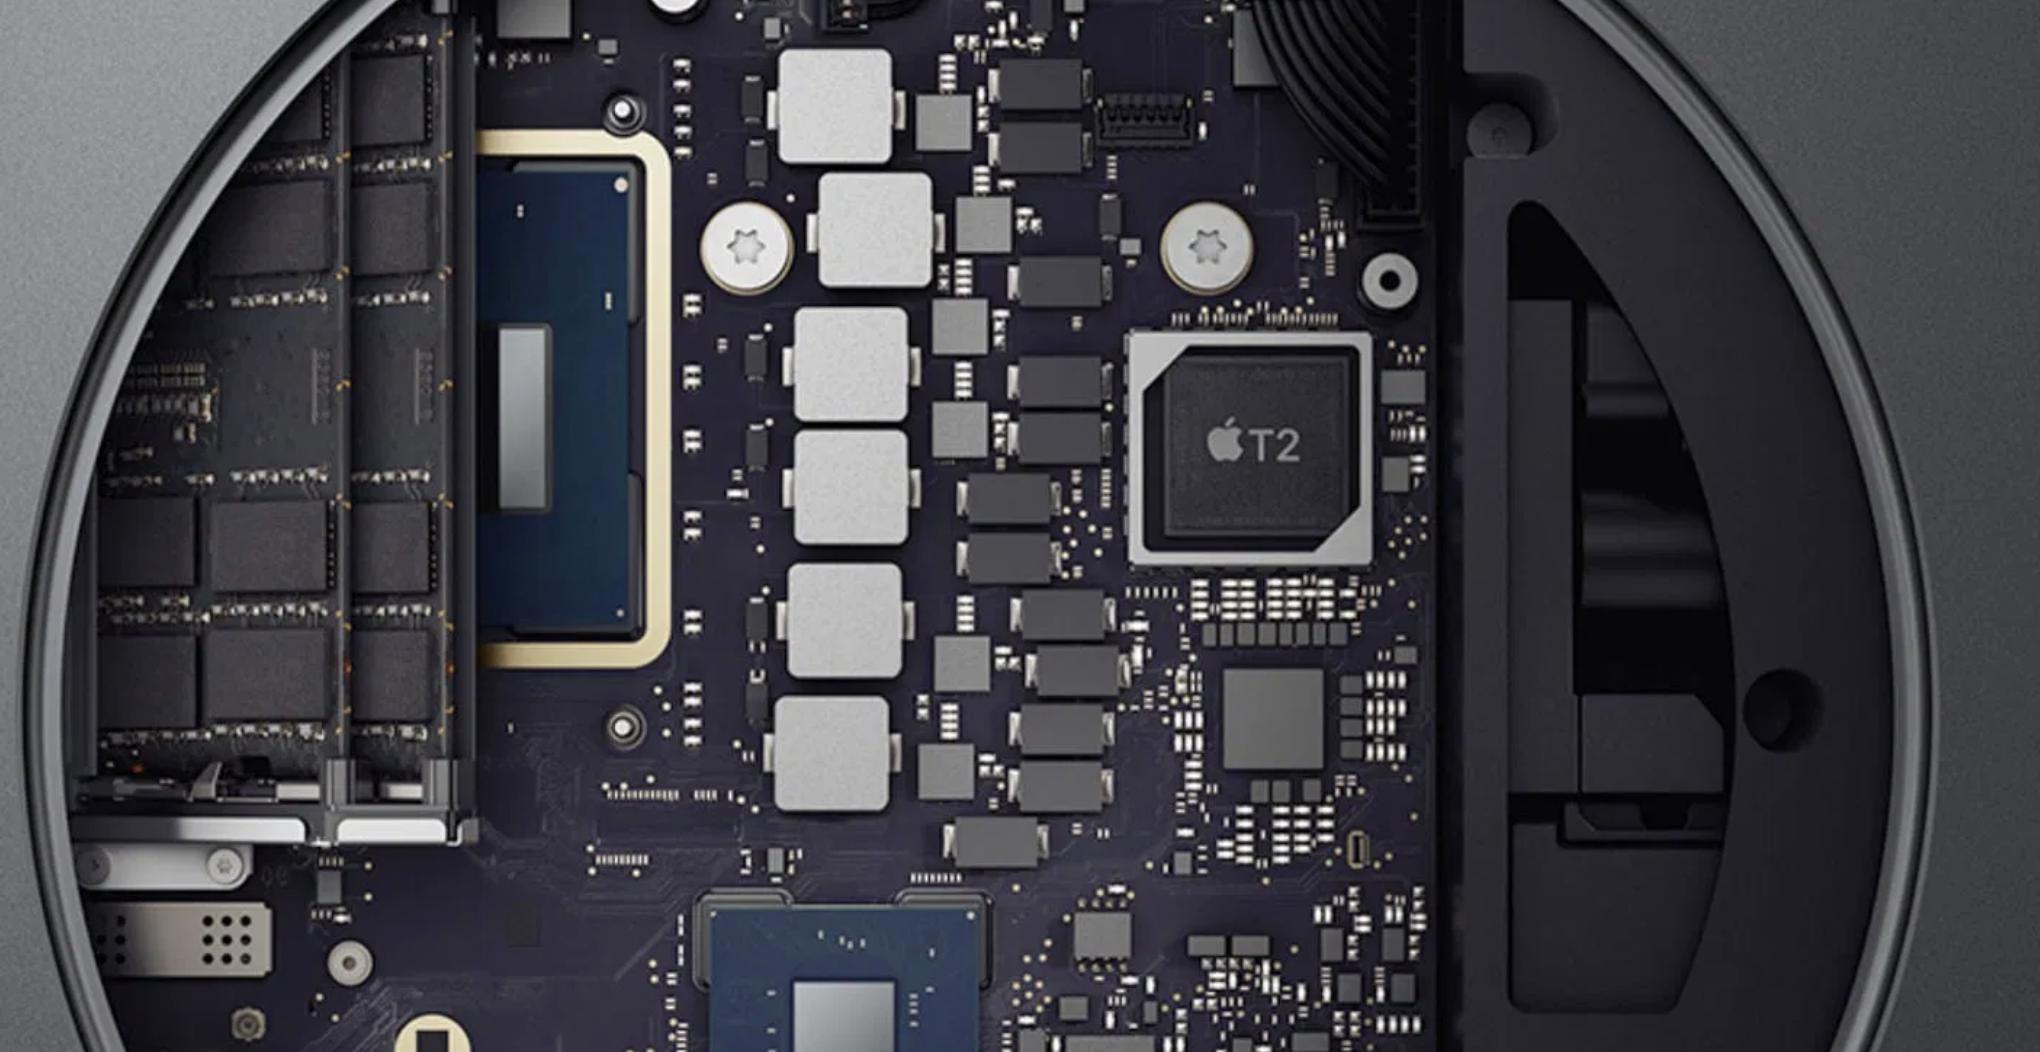 苹果 T2 芯片被发现存在不可修复的漏洞